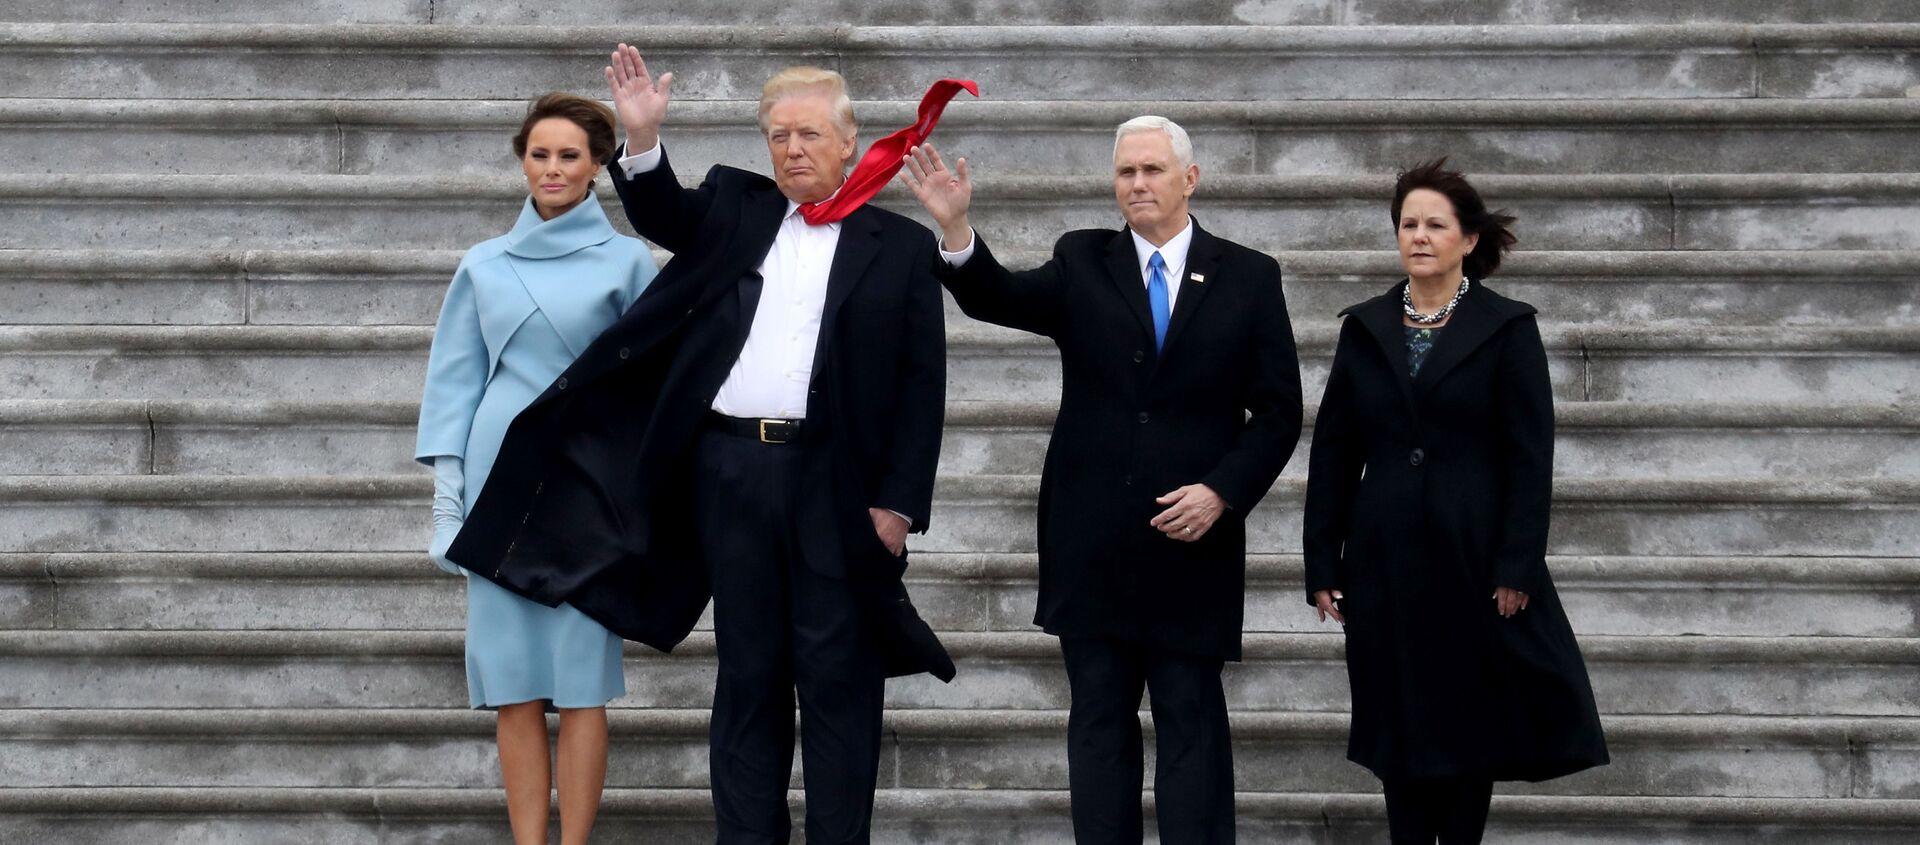 Obecny prezydent USA Donald Trump, pierwsza dama USA Melania Trump i wiceprezydent USA Mike Pence z żoną Karen - Sputnik Polska, 1920, 27.01.2021